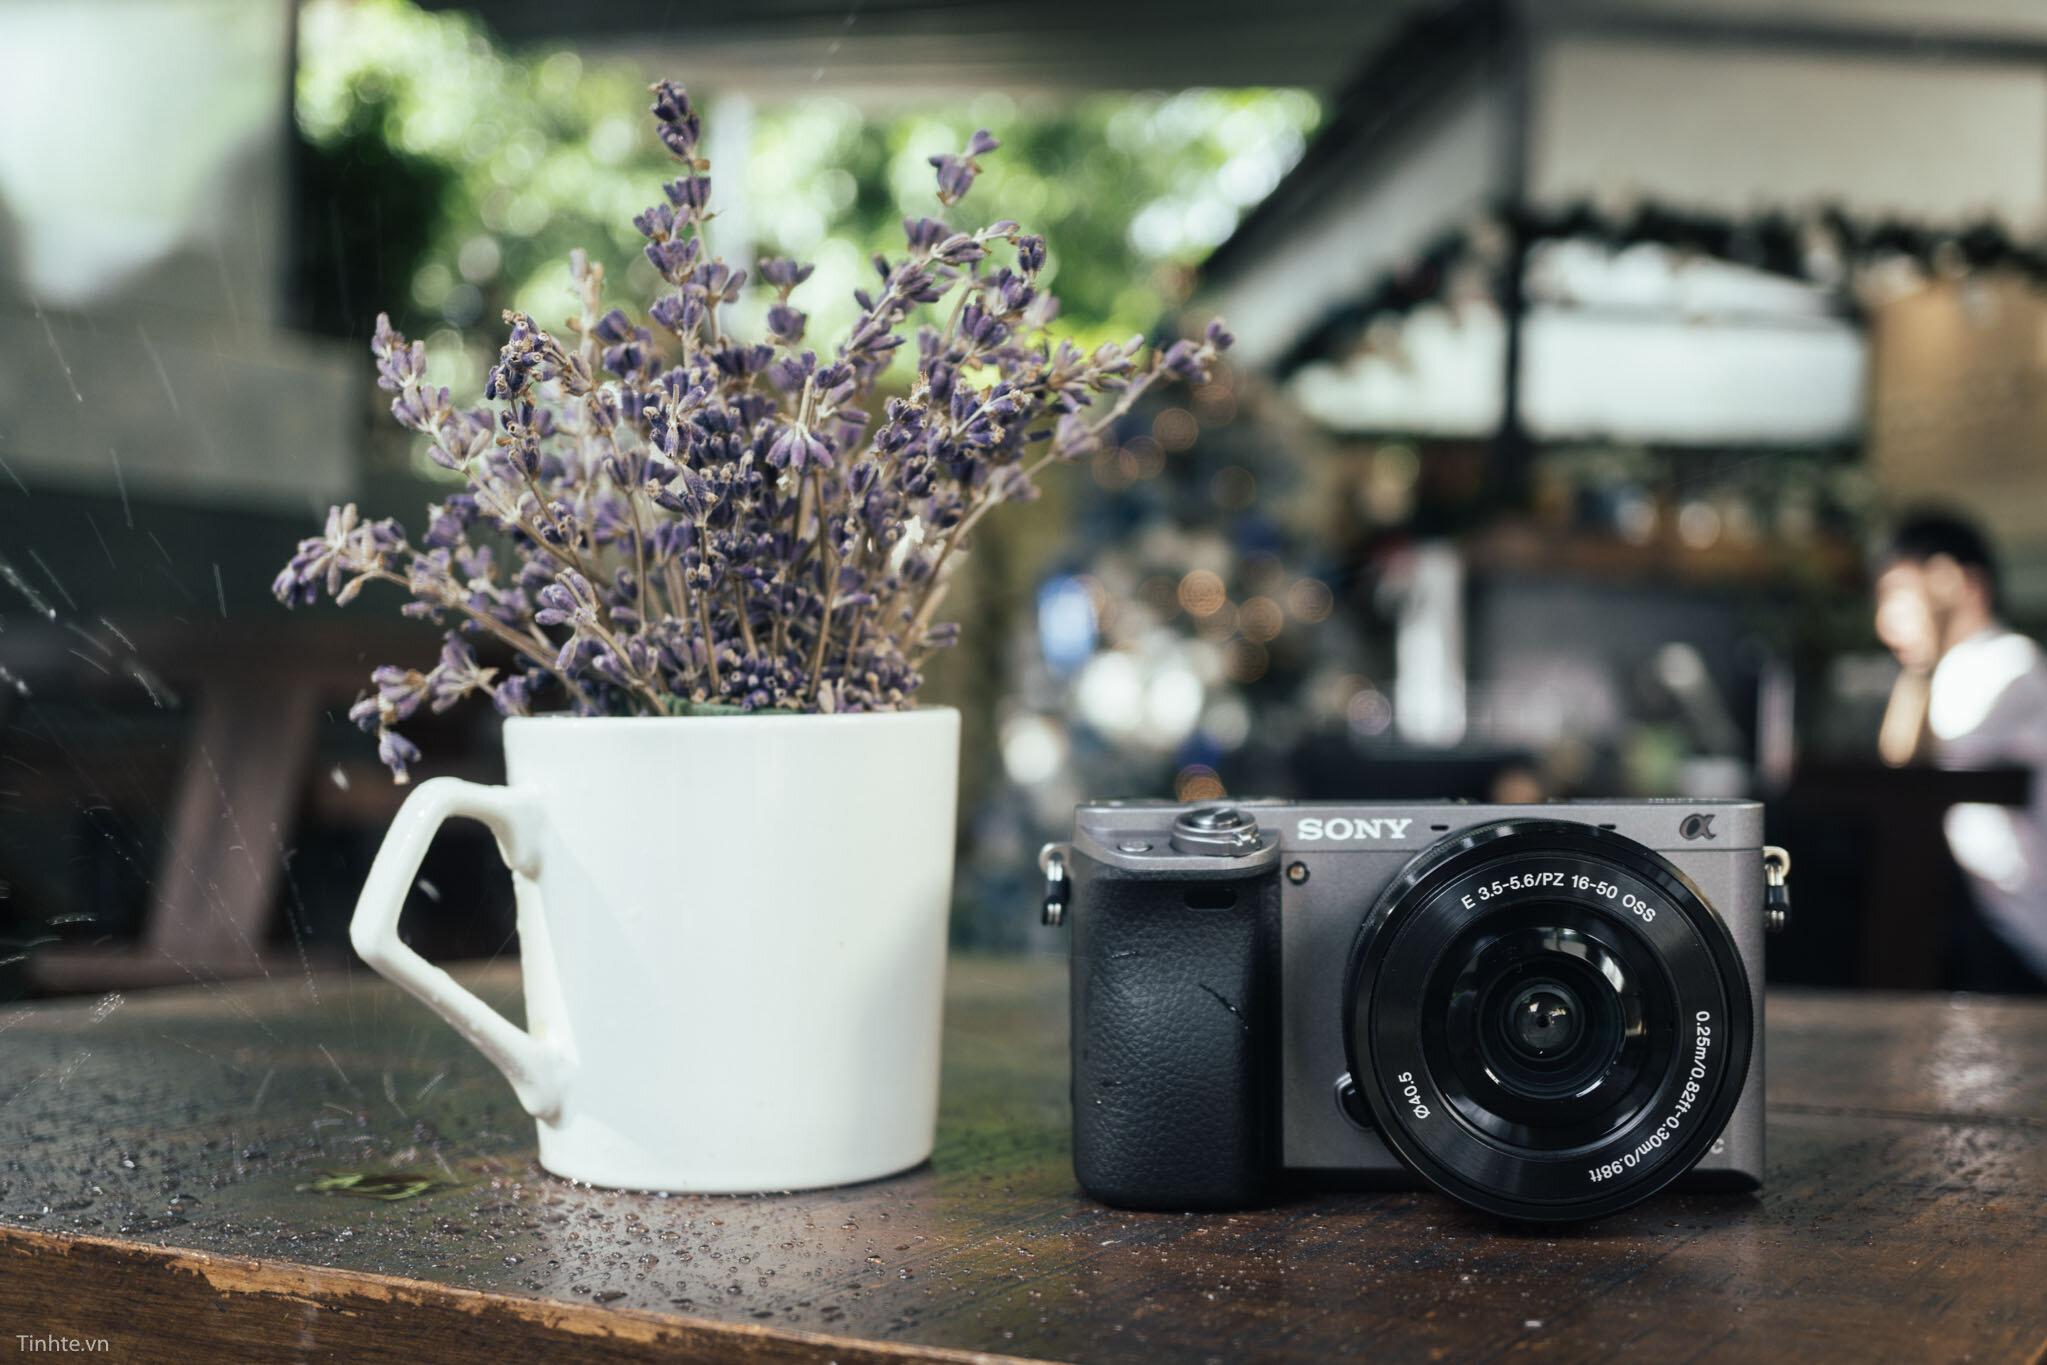 Sony A6000 hay A5000, dòng máy nào cho chất lượng hình ảnh tốt hơn?